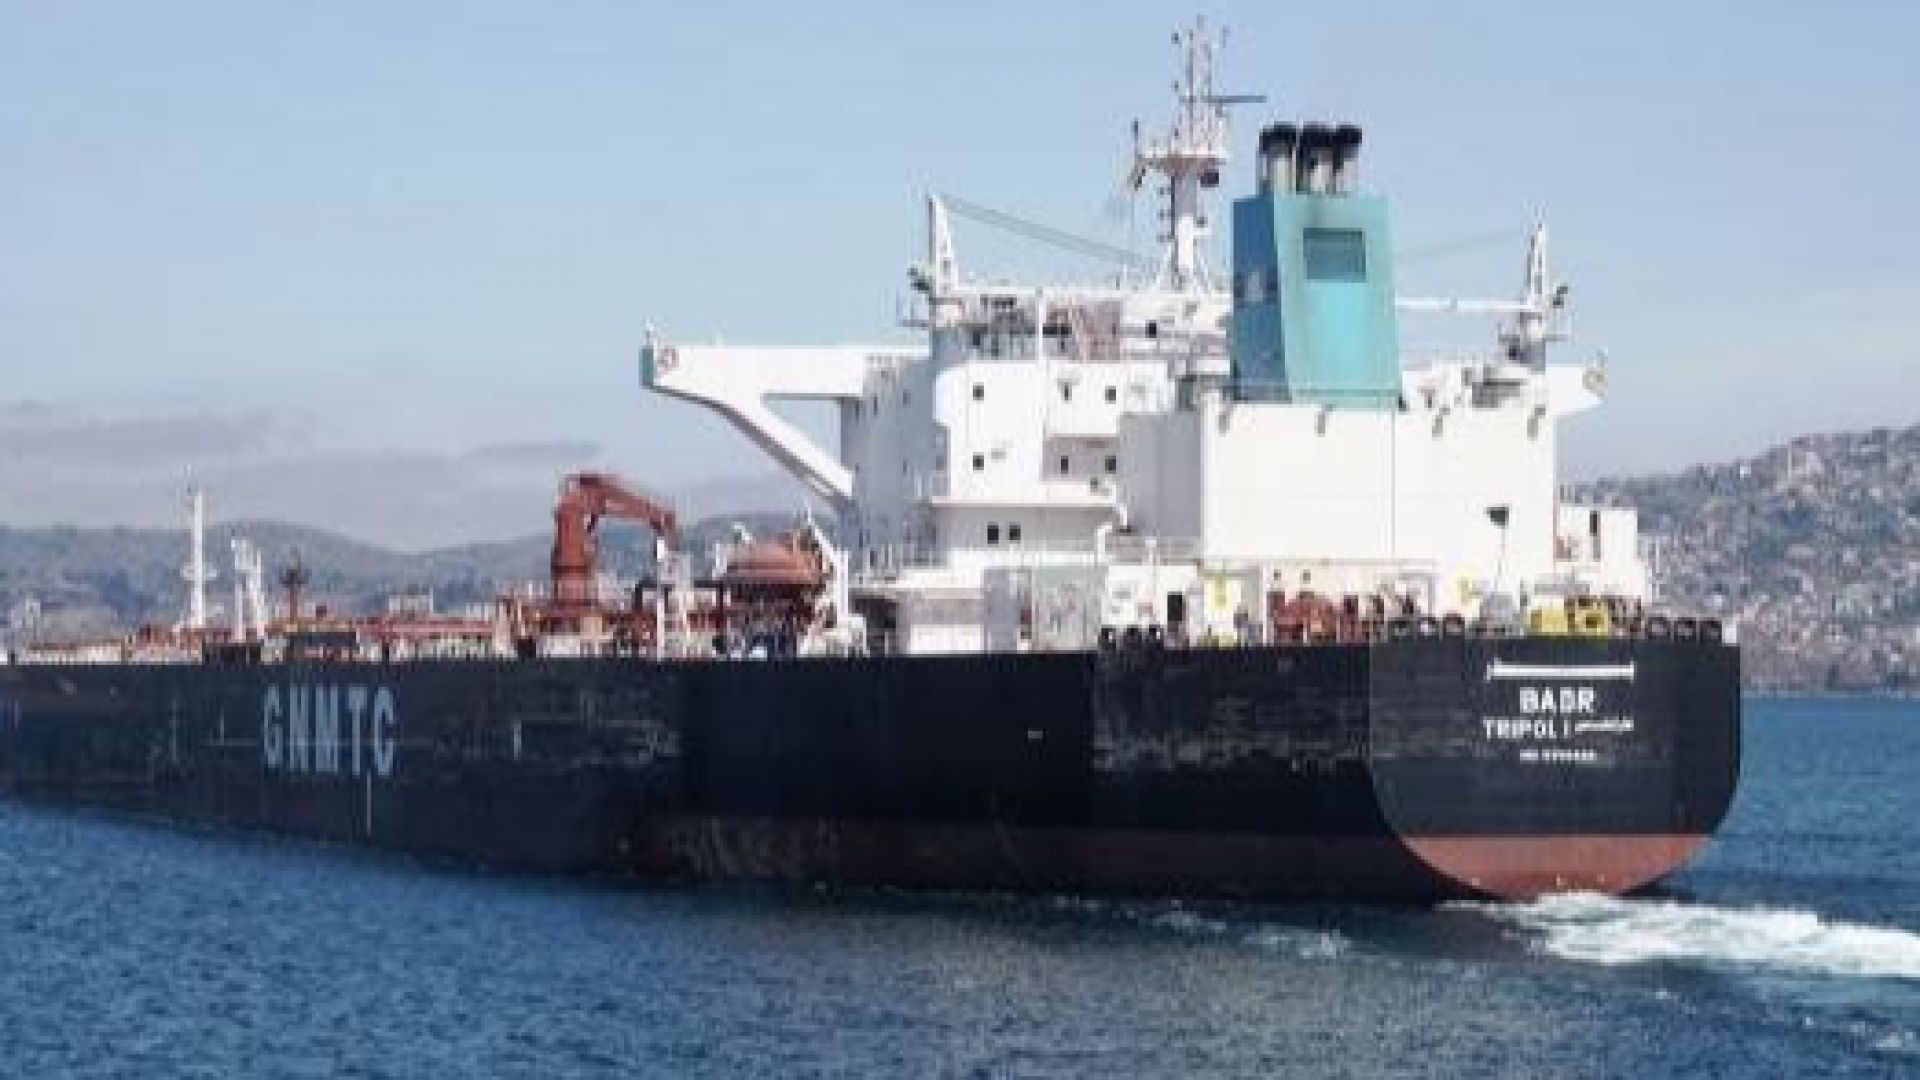 Прокуратурата взе под прицел съдебния изпълнител, който задържа либийския танкер